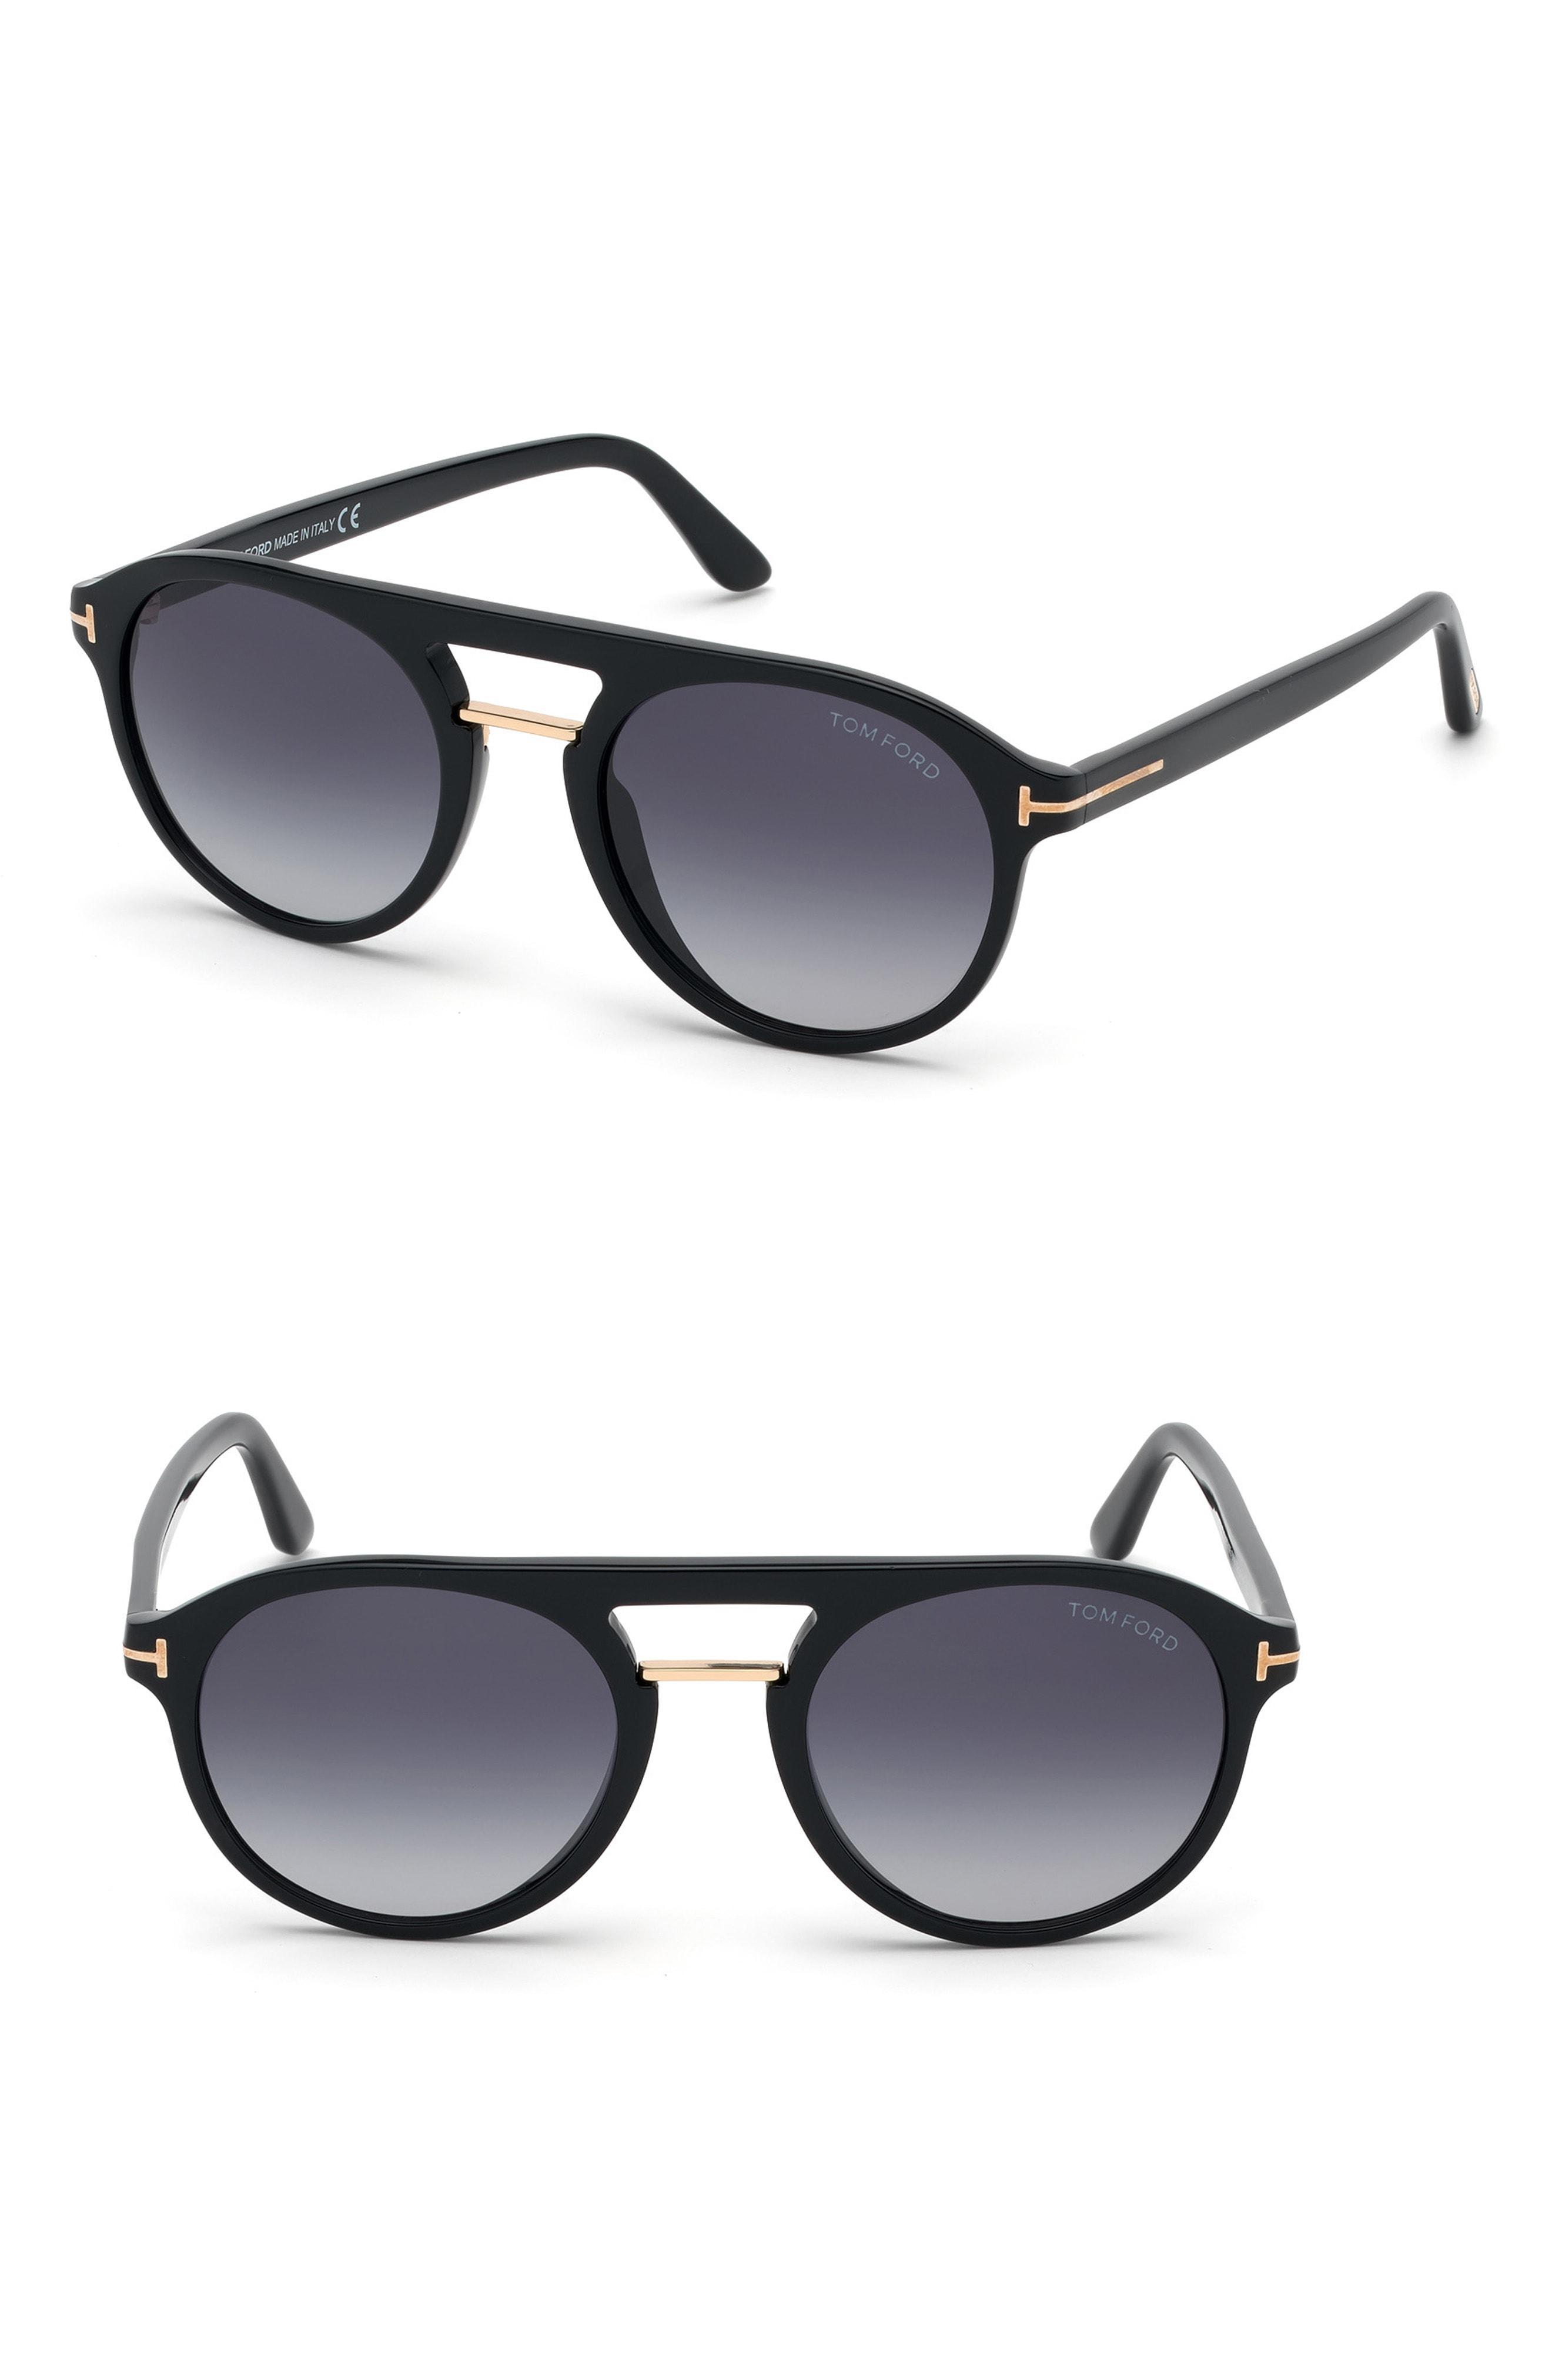 5d72a016f94 Lyst - Tom Ford Ivan 54mm Polarized Aviator Sunglasses - in Metallic ...